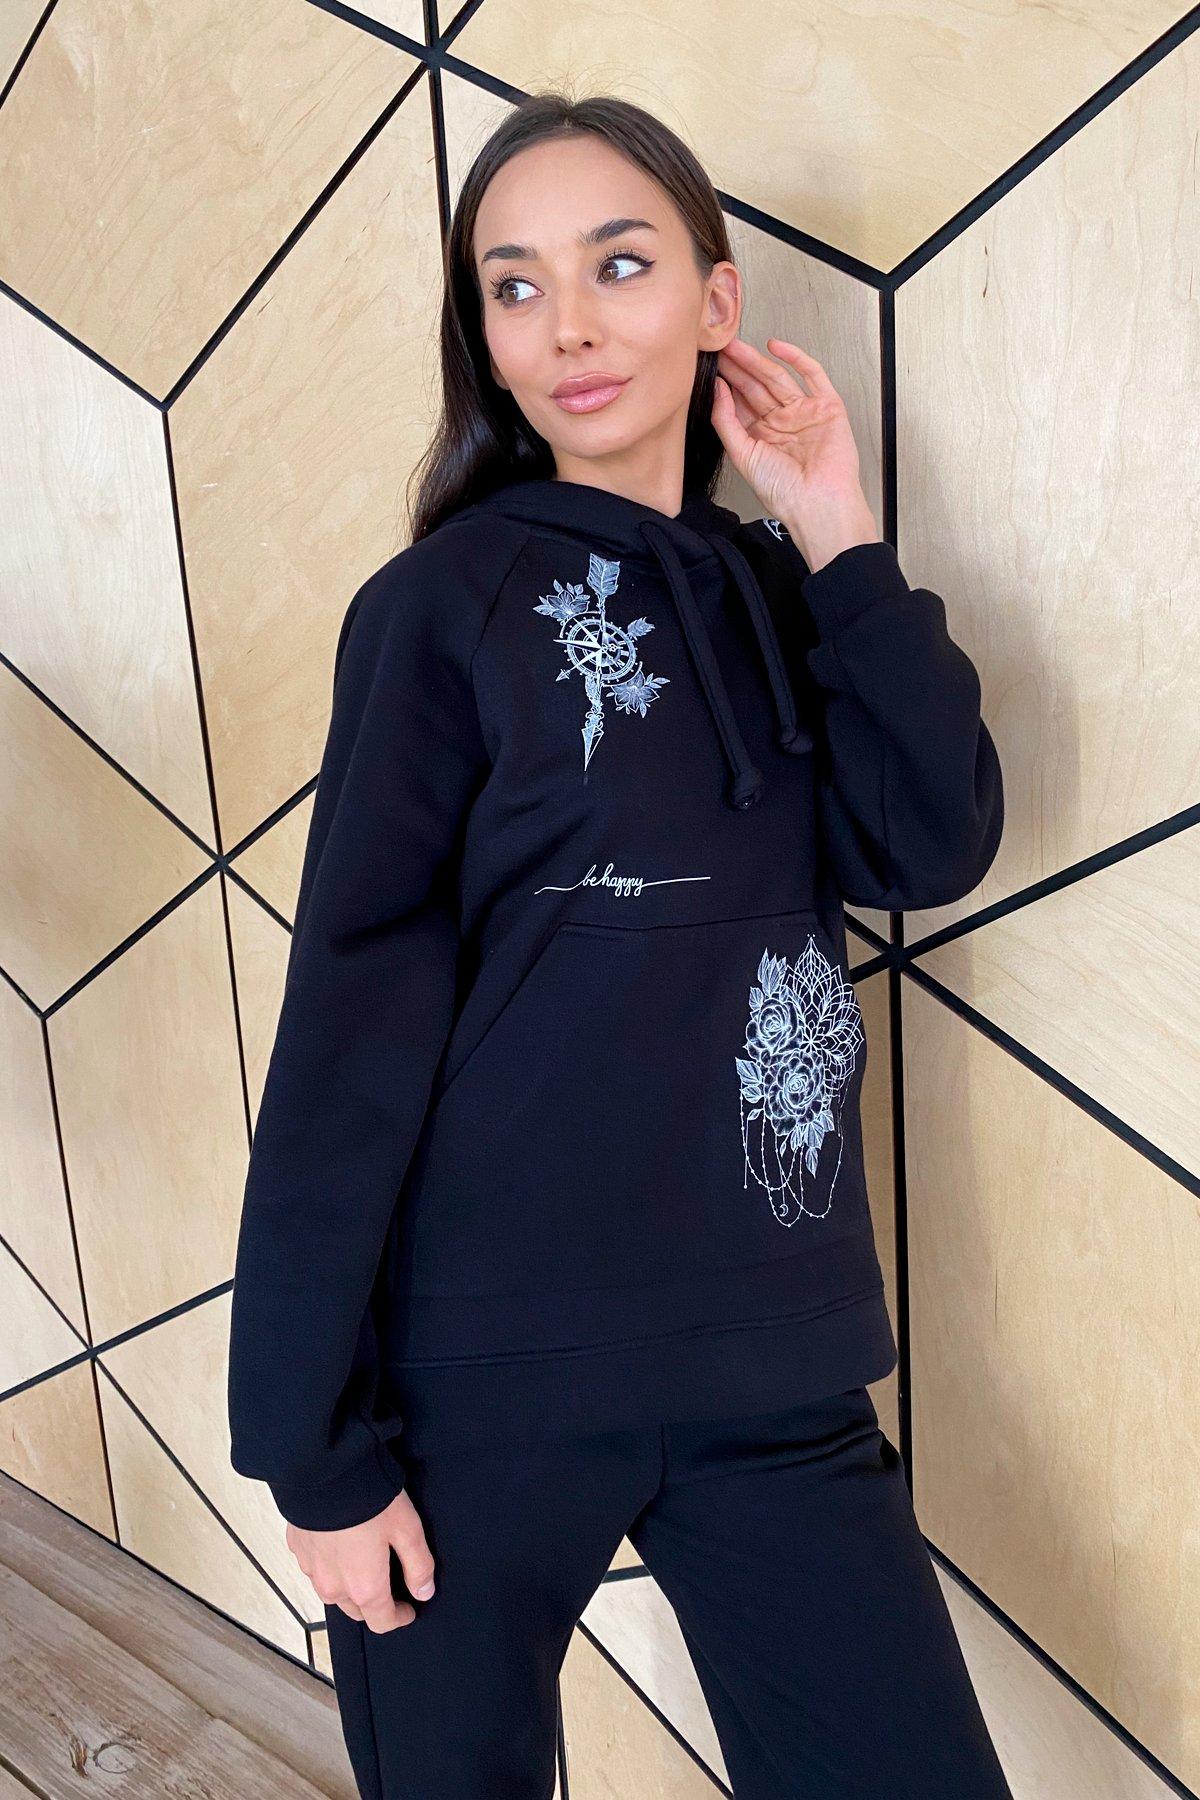 Тату костюм на флисе Oversize 9815 АРТ. 46246 Цвет: Черный - фото 6, интернет магазин tm-modus.ru